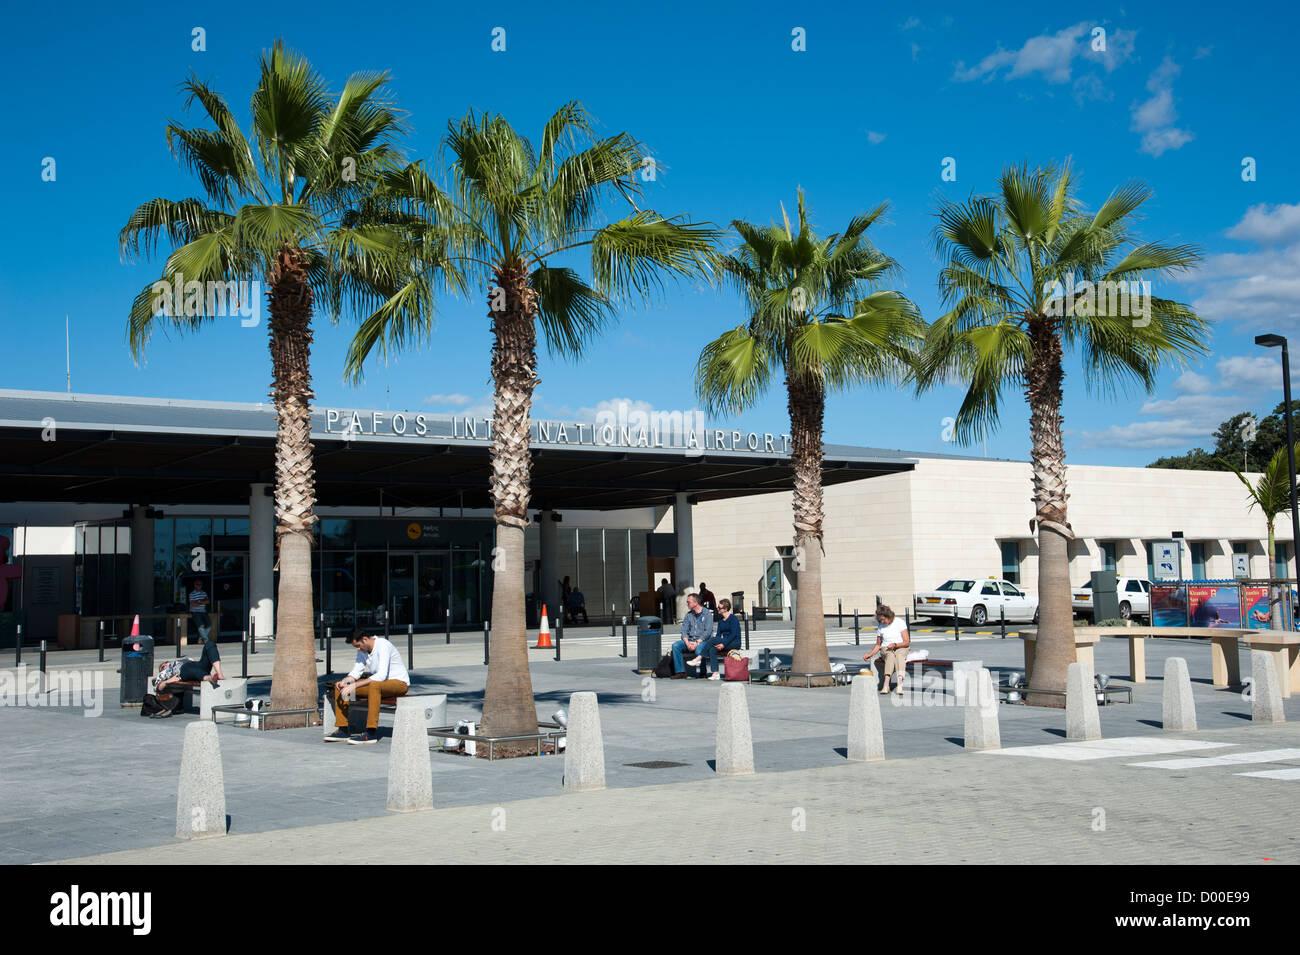 dating i Paphos Cypern rapport från revisions berättelsen